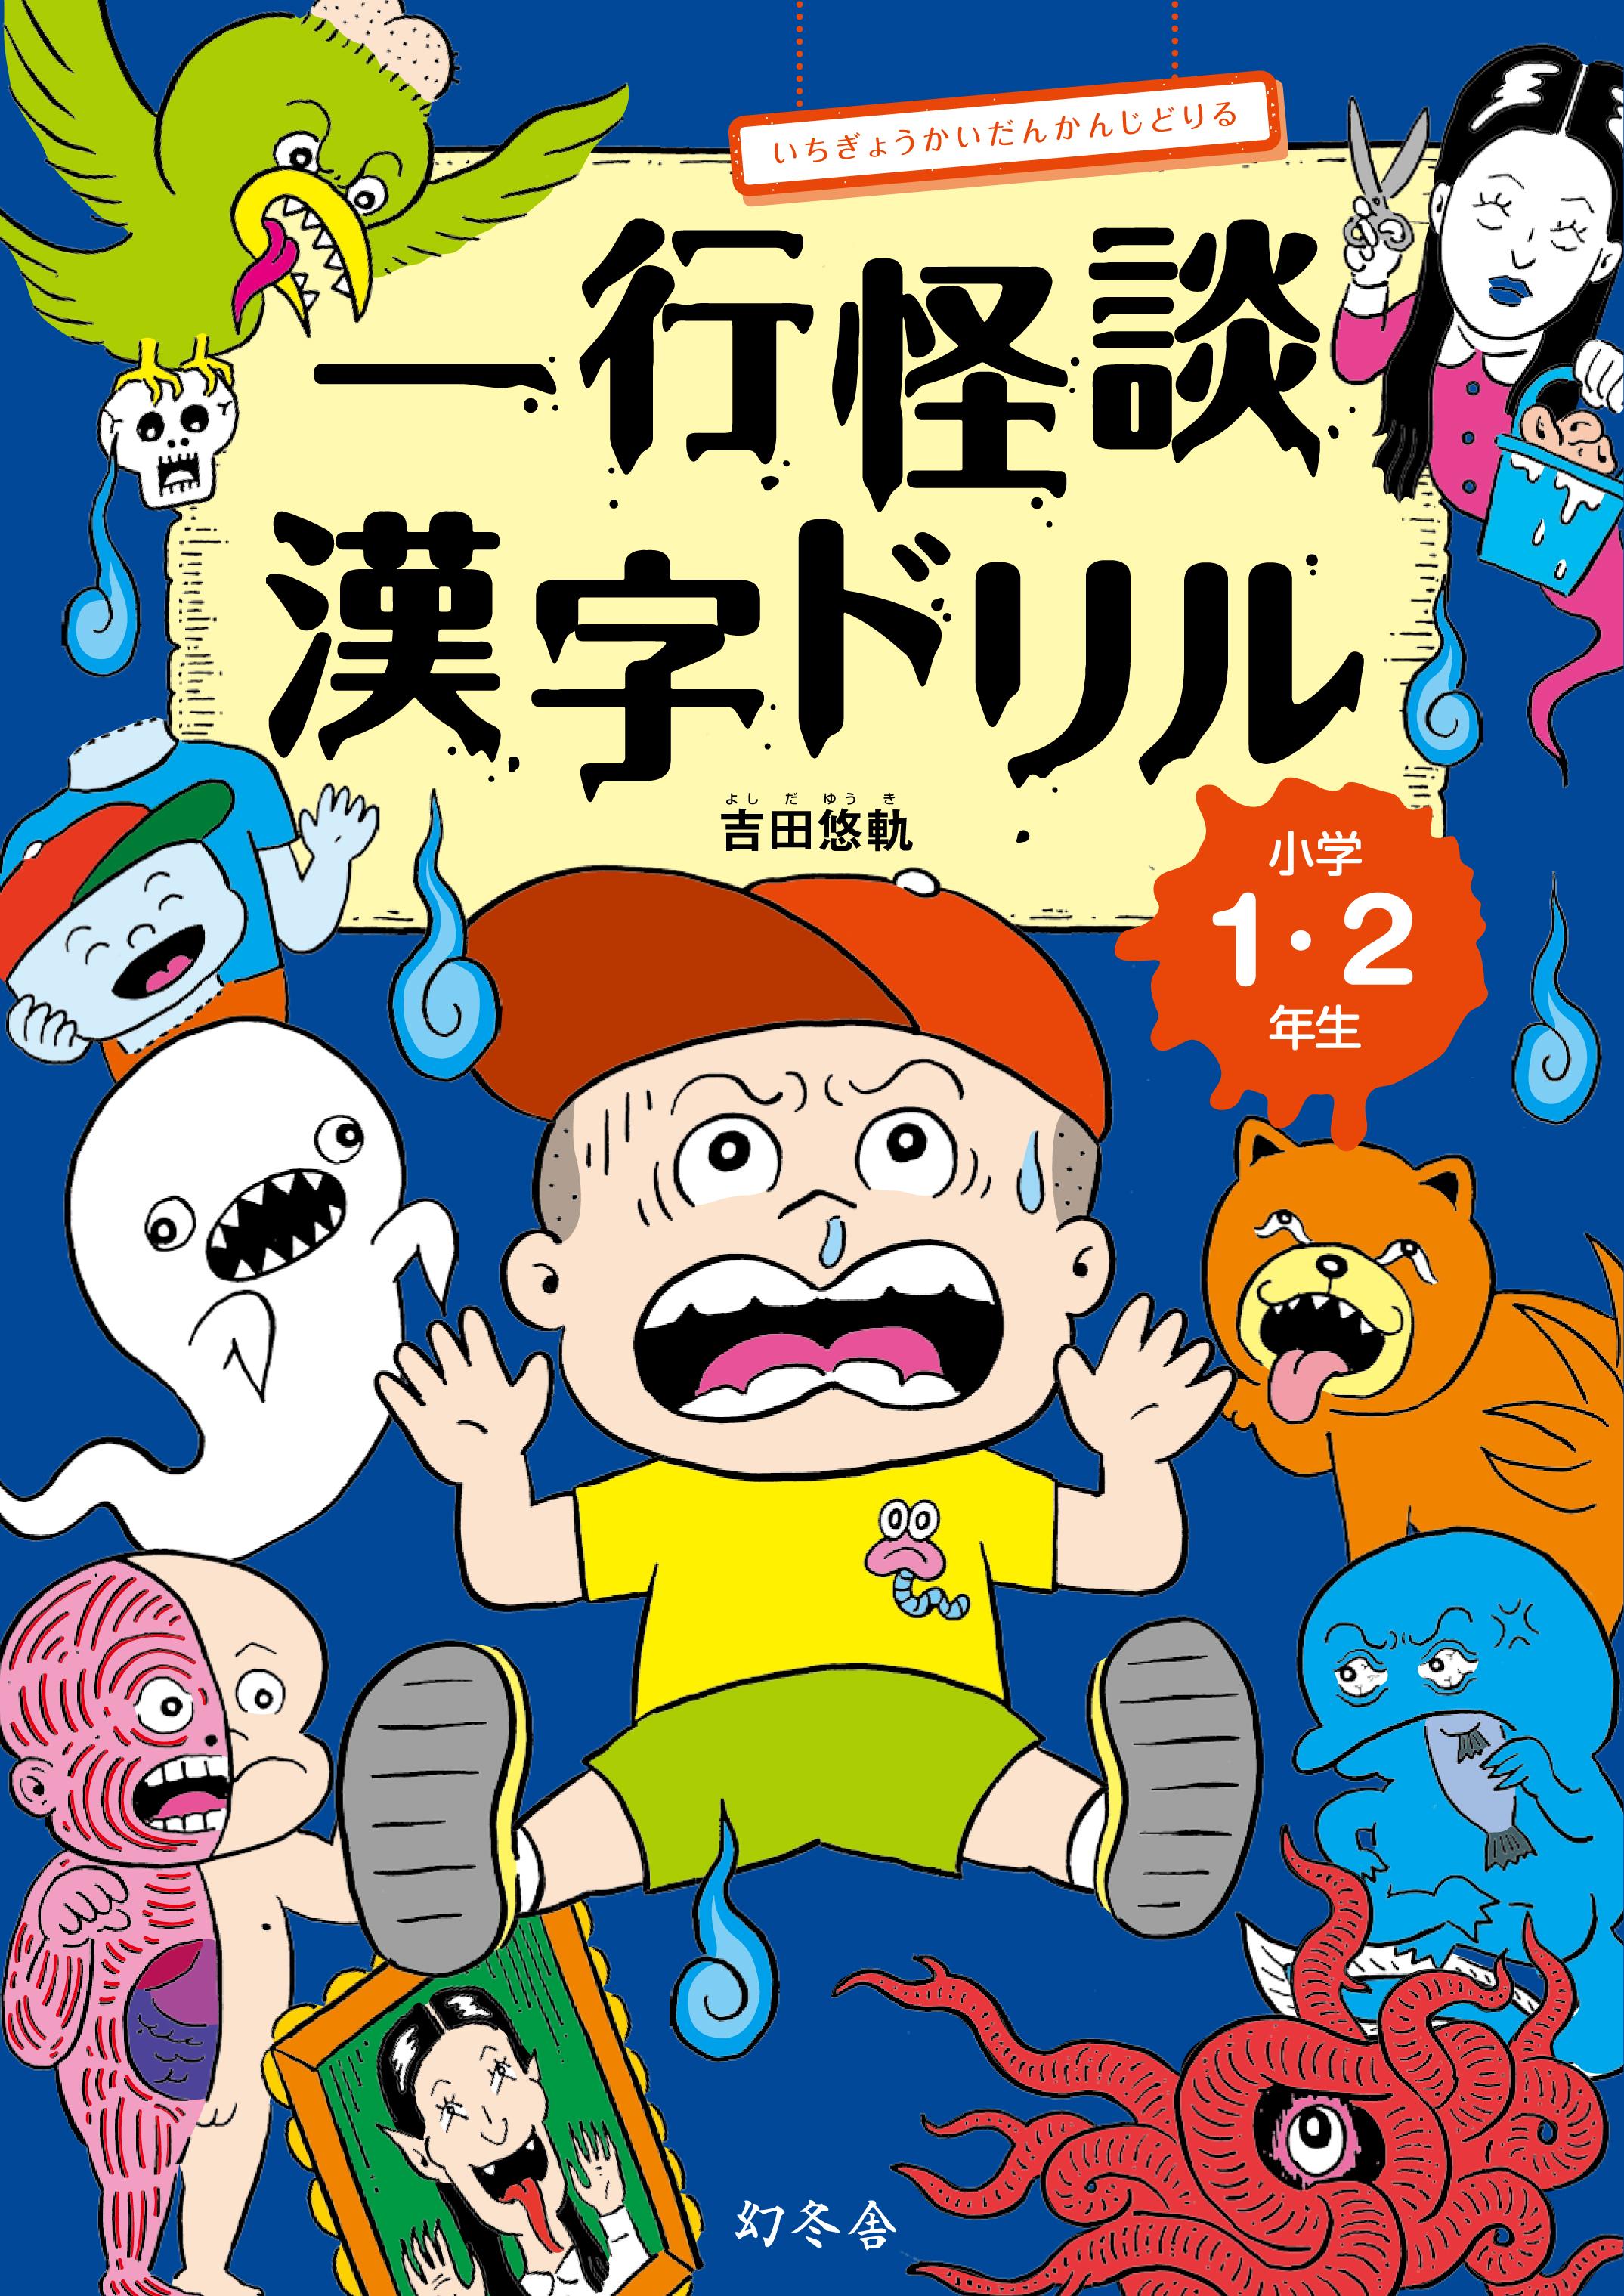 「うんこ」の次は…怪談!?怪談研究家吉田悠軌氏による「怪談ドリル」が発売